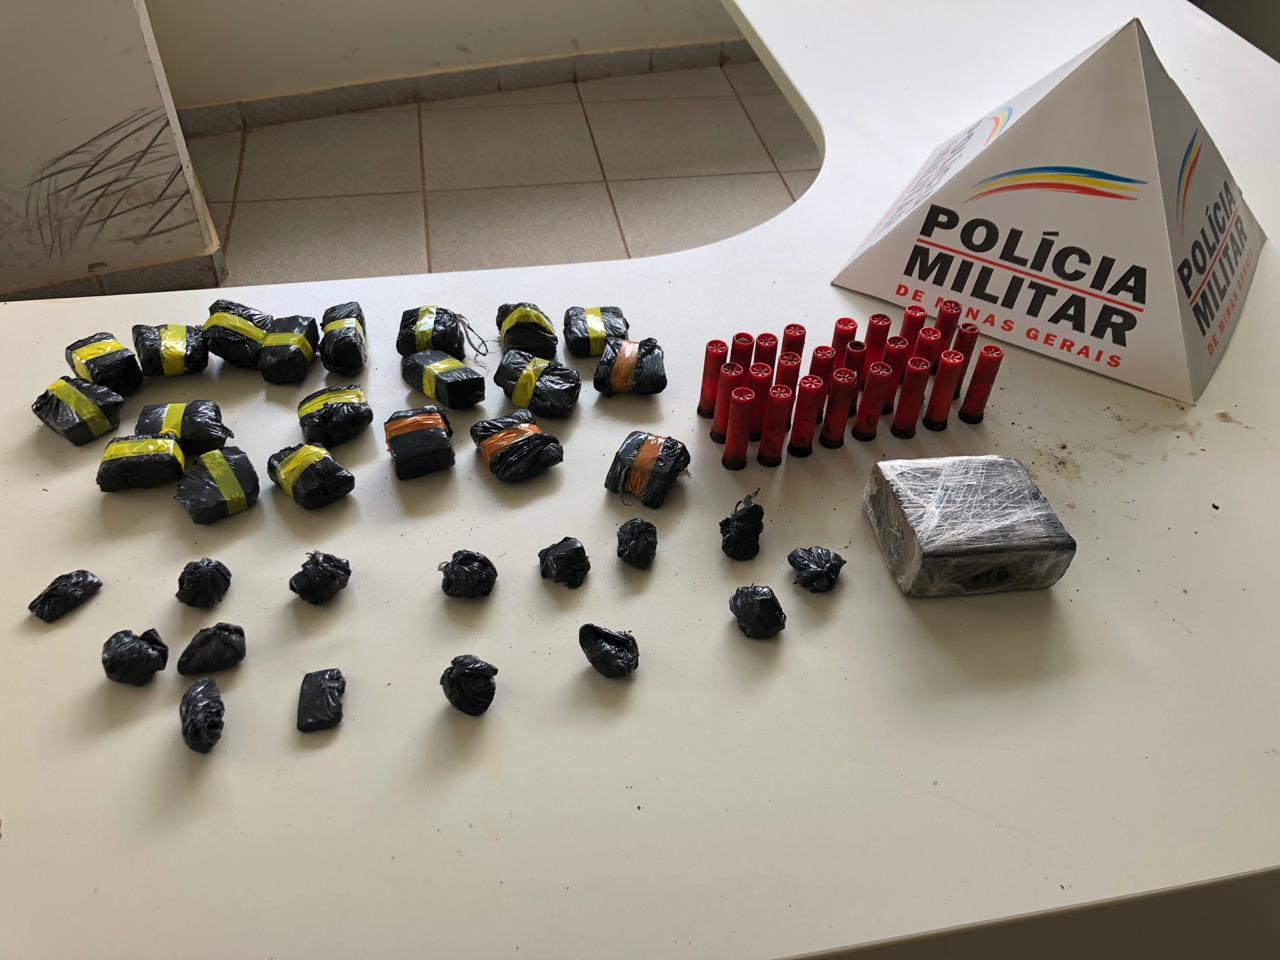 Polícia Militar apreende arma, drogas e munições em Vazante